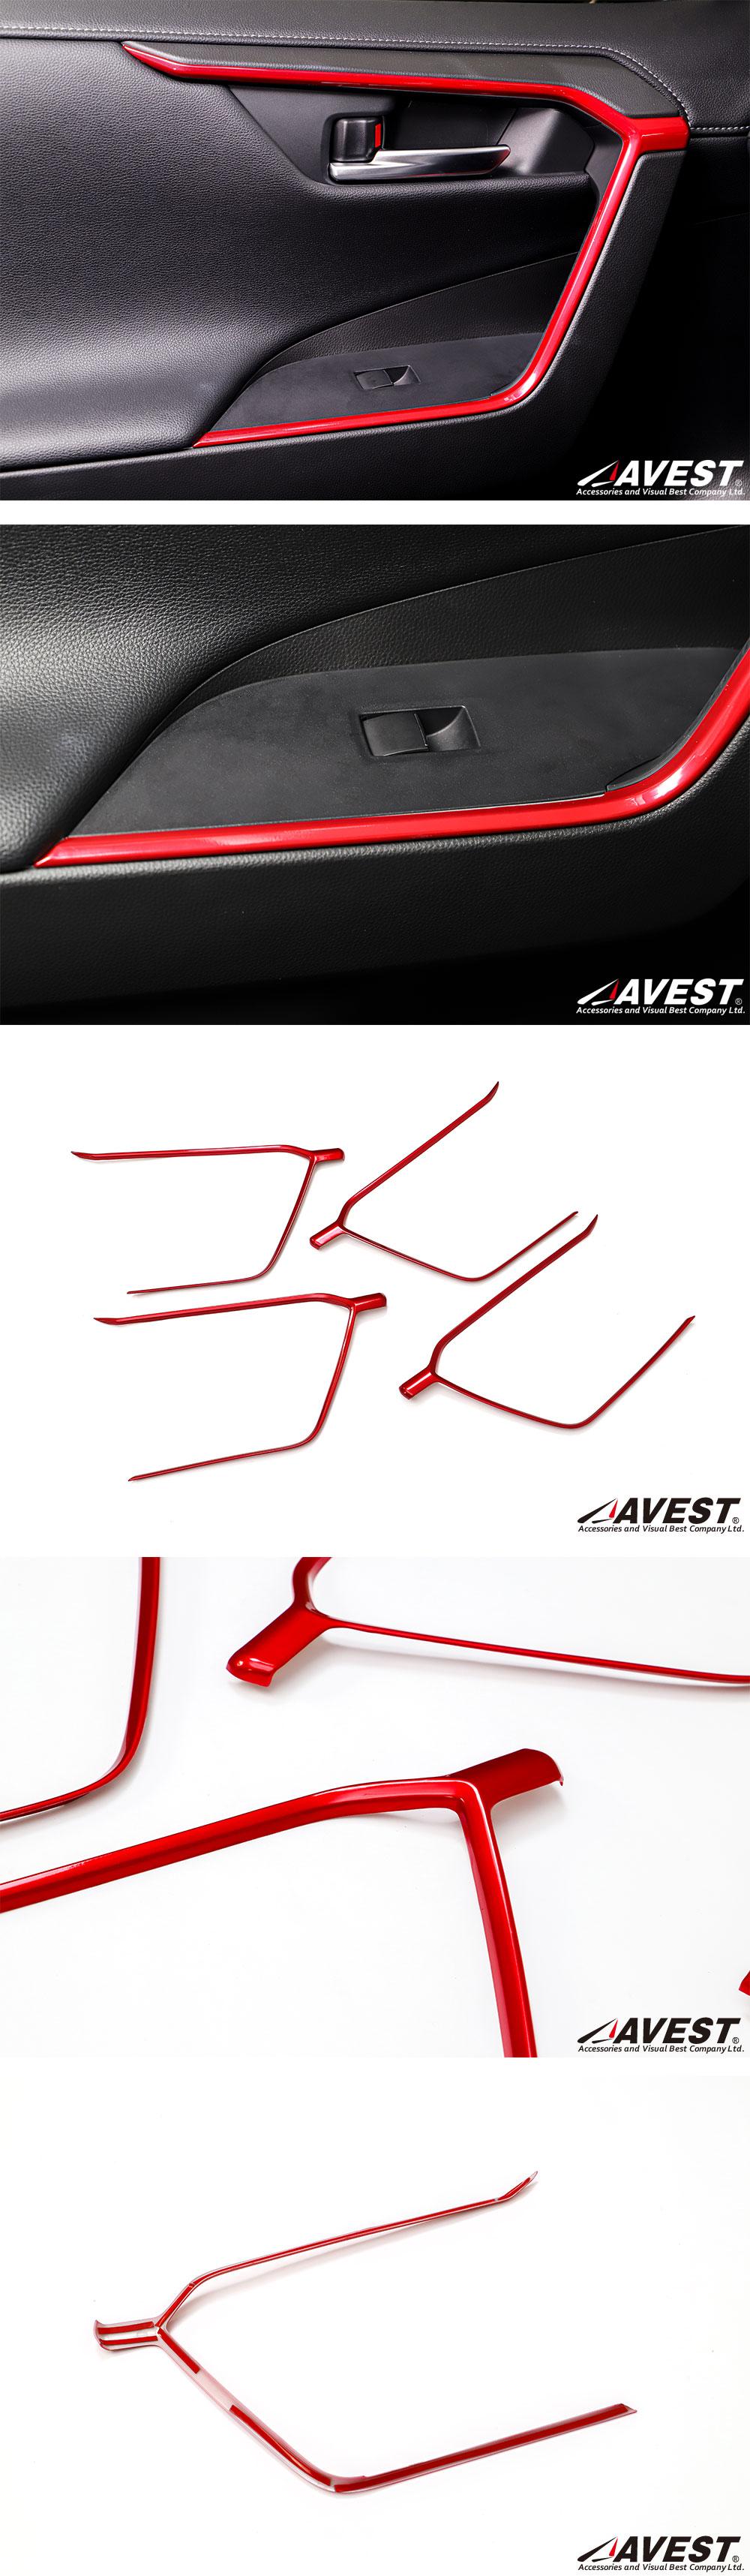 RAV4/シフトゲートパネル/6BA-MXAA52/6BA-MXAA54/6AA-AXAH52/6AA-AXAH54